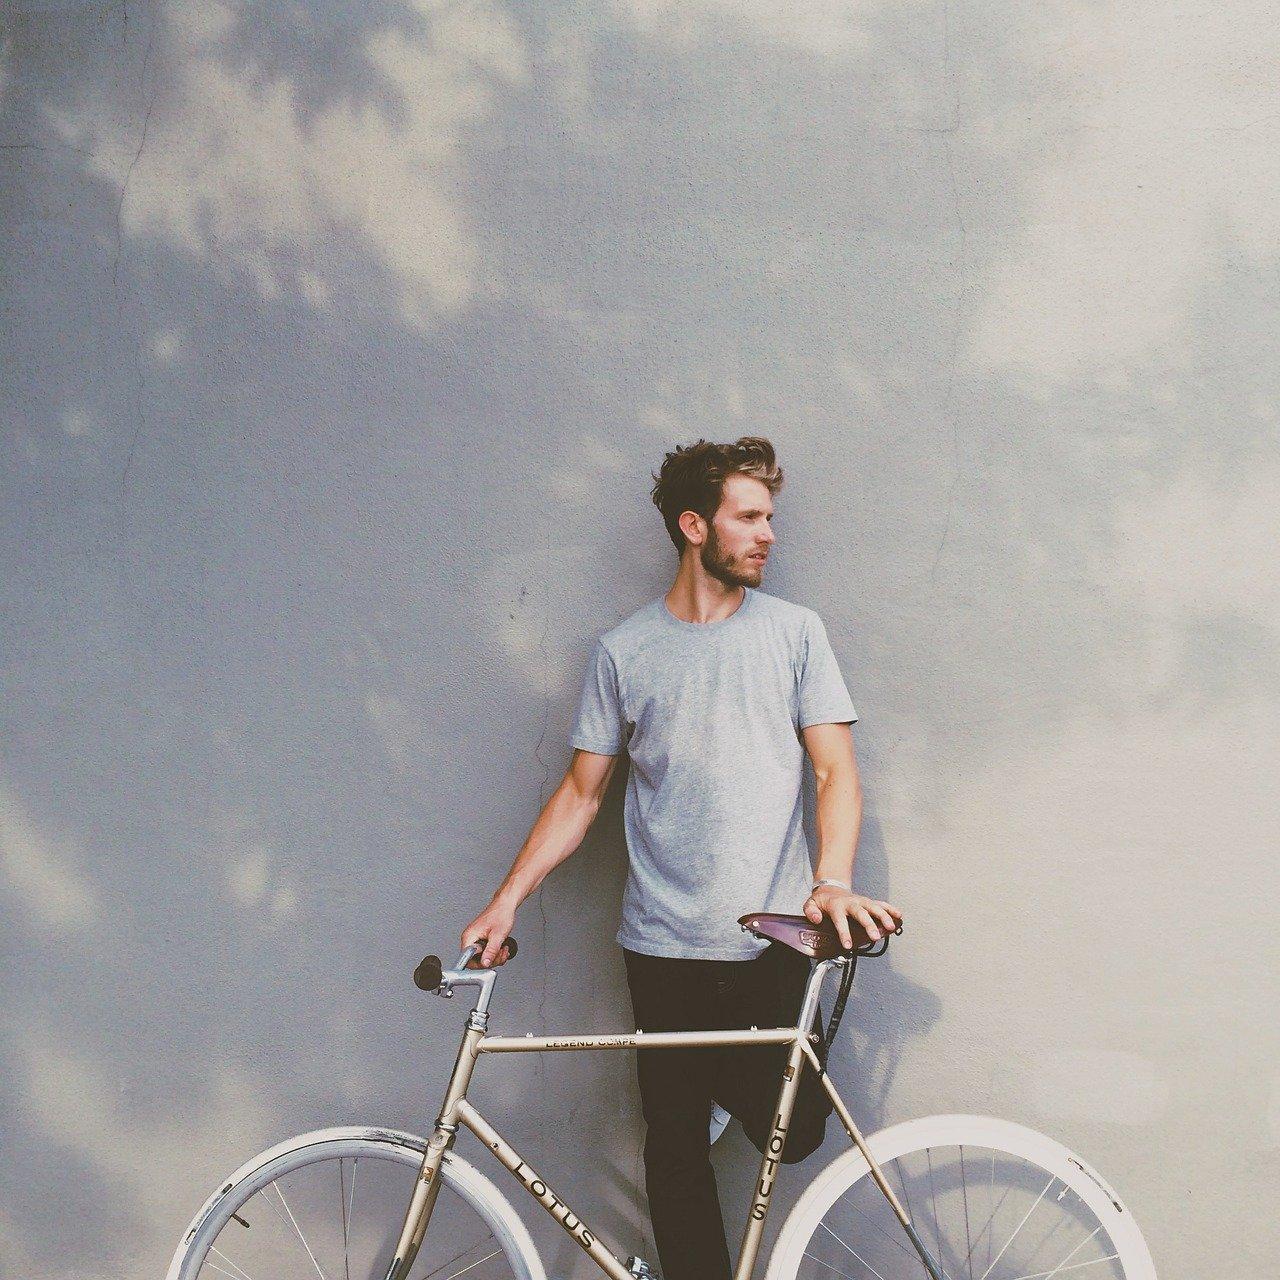 Bicicletas hipster